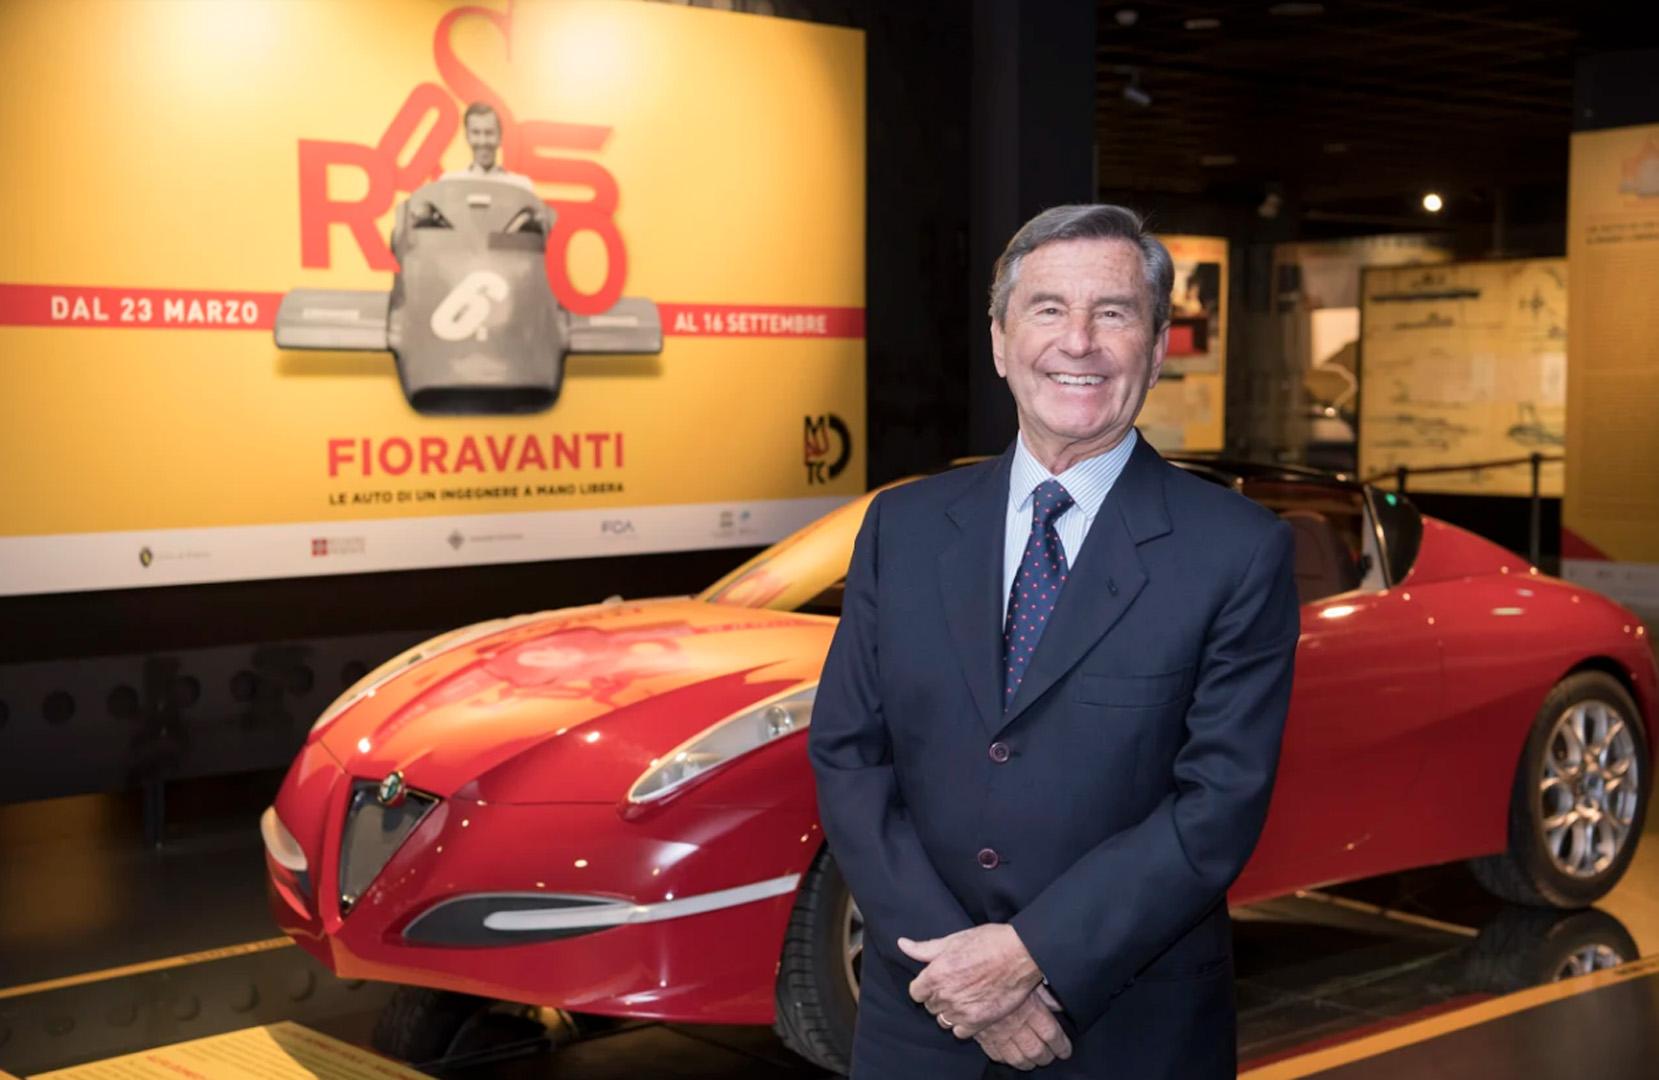 Leonardo Fioravanti cicerone della mostra sulle sue opere al Museo dell'Auto